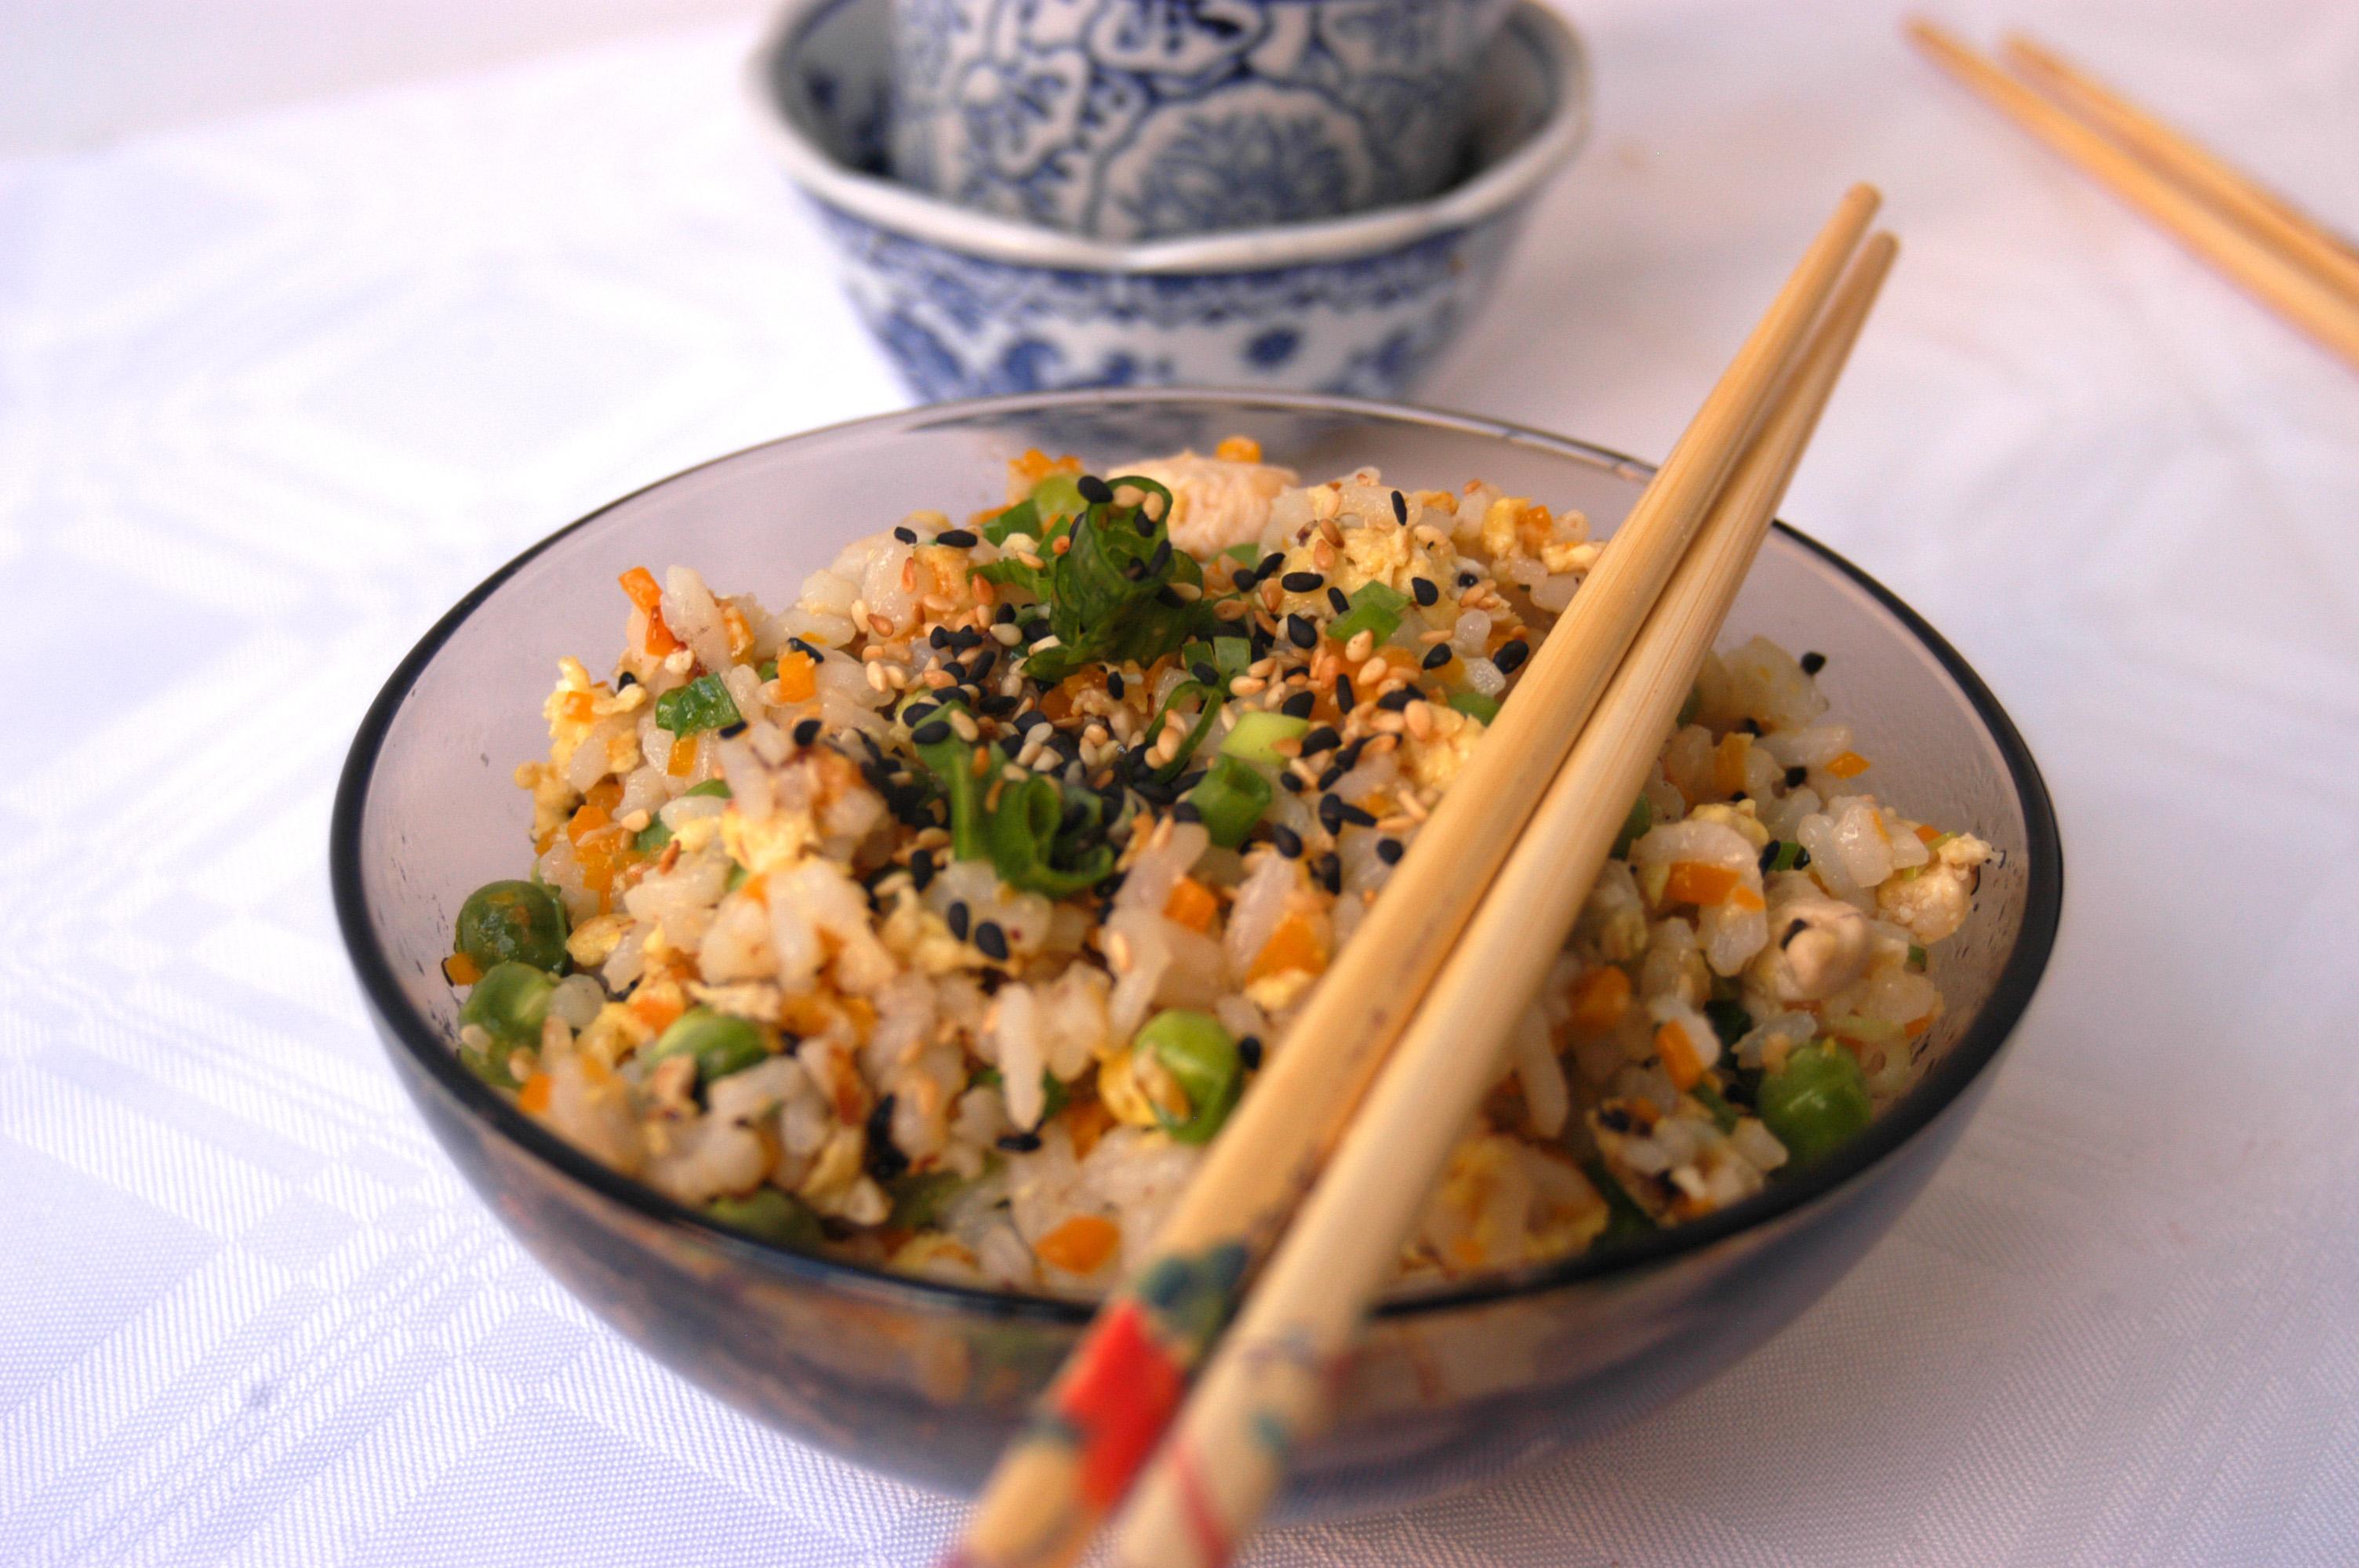 Yakimeshi comida r pida y saludable momentos gastronomicos for Preparar comida rapida